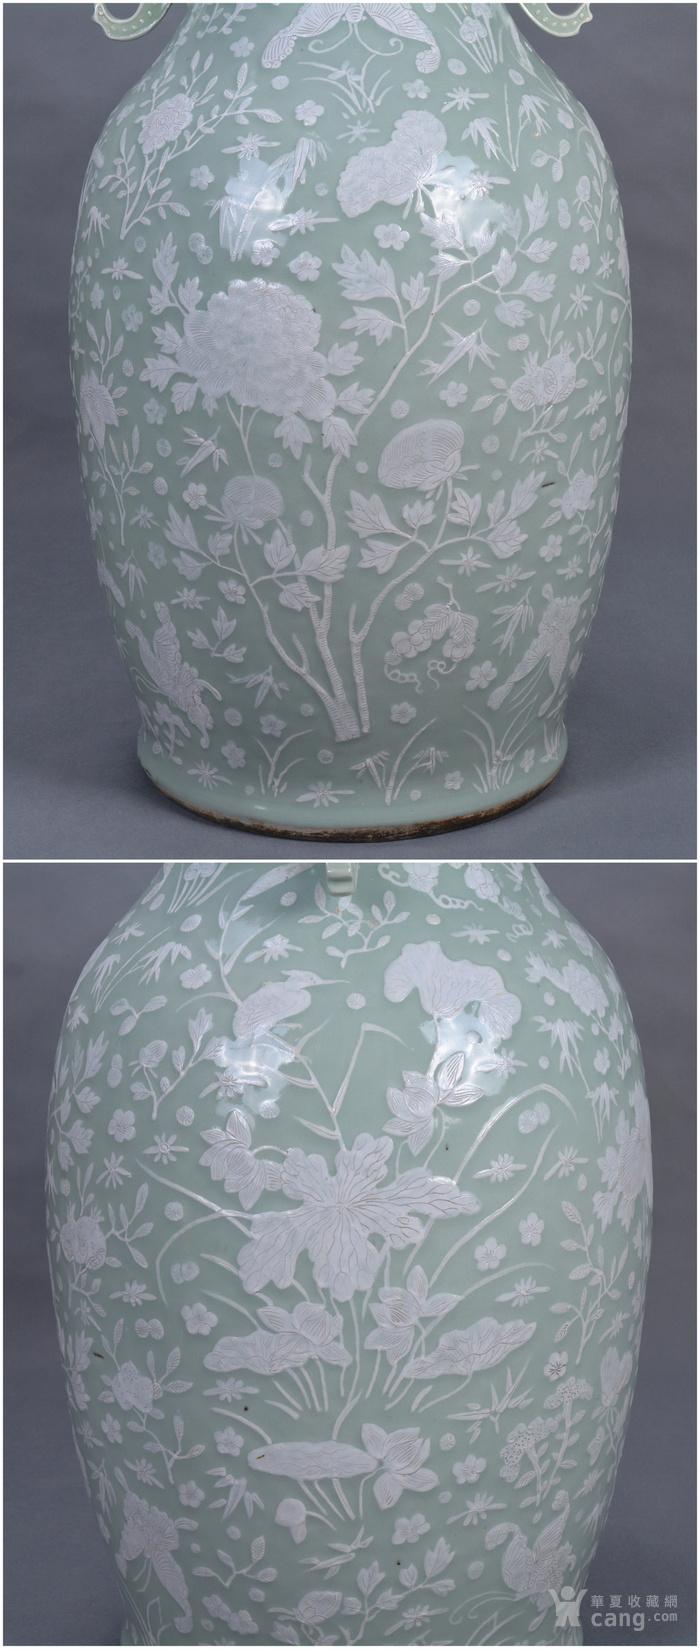 清中 500件 豆青釉堆白 大瓶图6